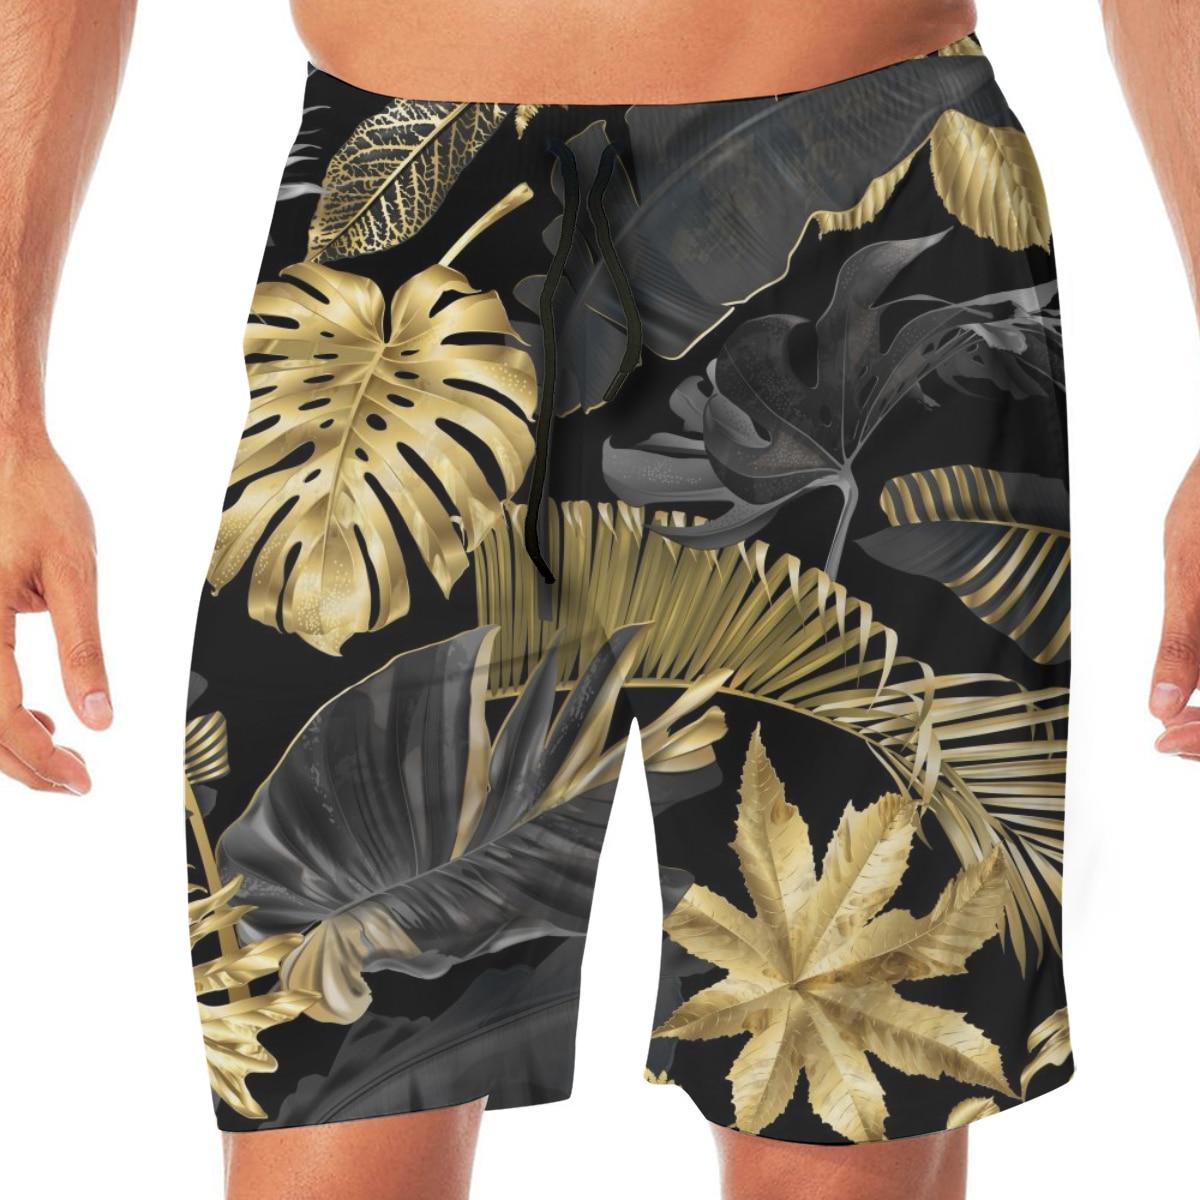 Exotic Botanical Gold Black Tropical Leaves Swimming Shorts For Men Swimwear Man Swimsuit Swim Trunks Summer Bathing Beach Wear